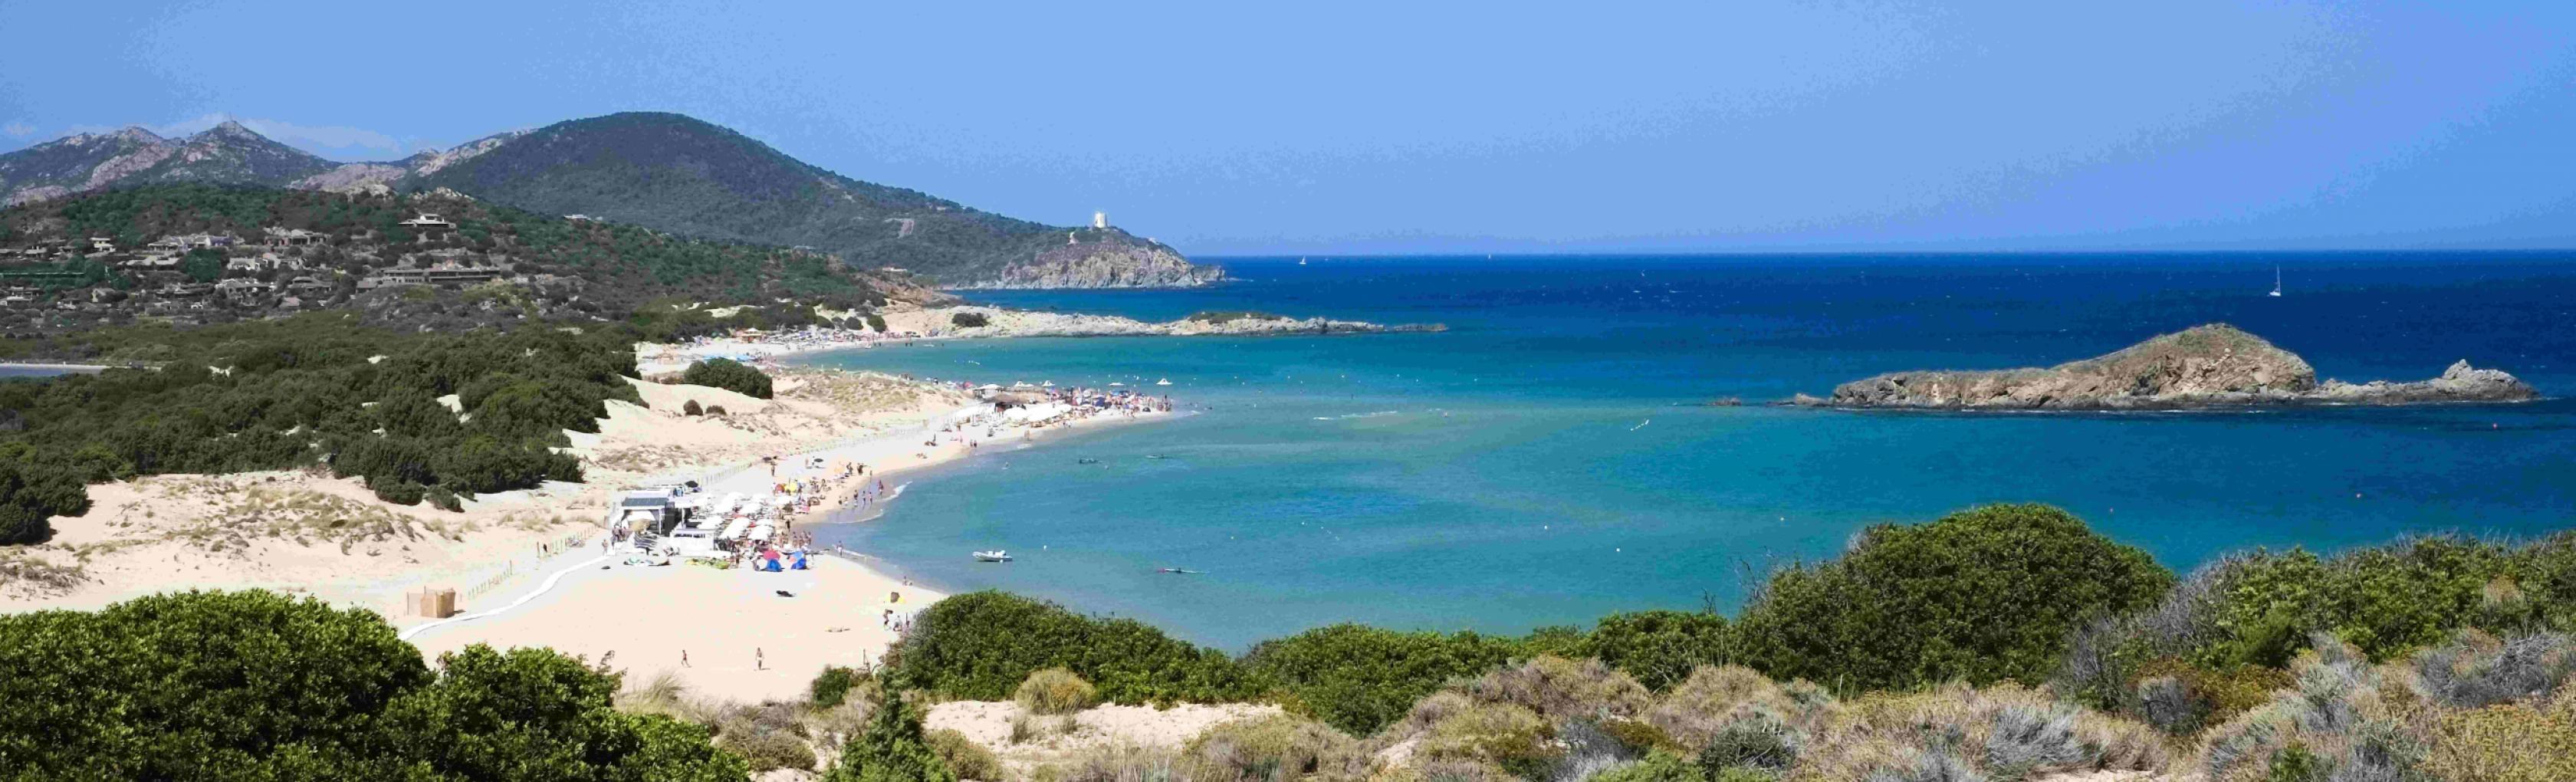 Spiaggia Su Giudeu - Chia